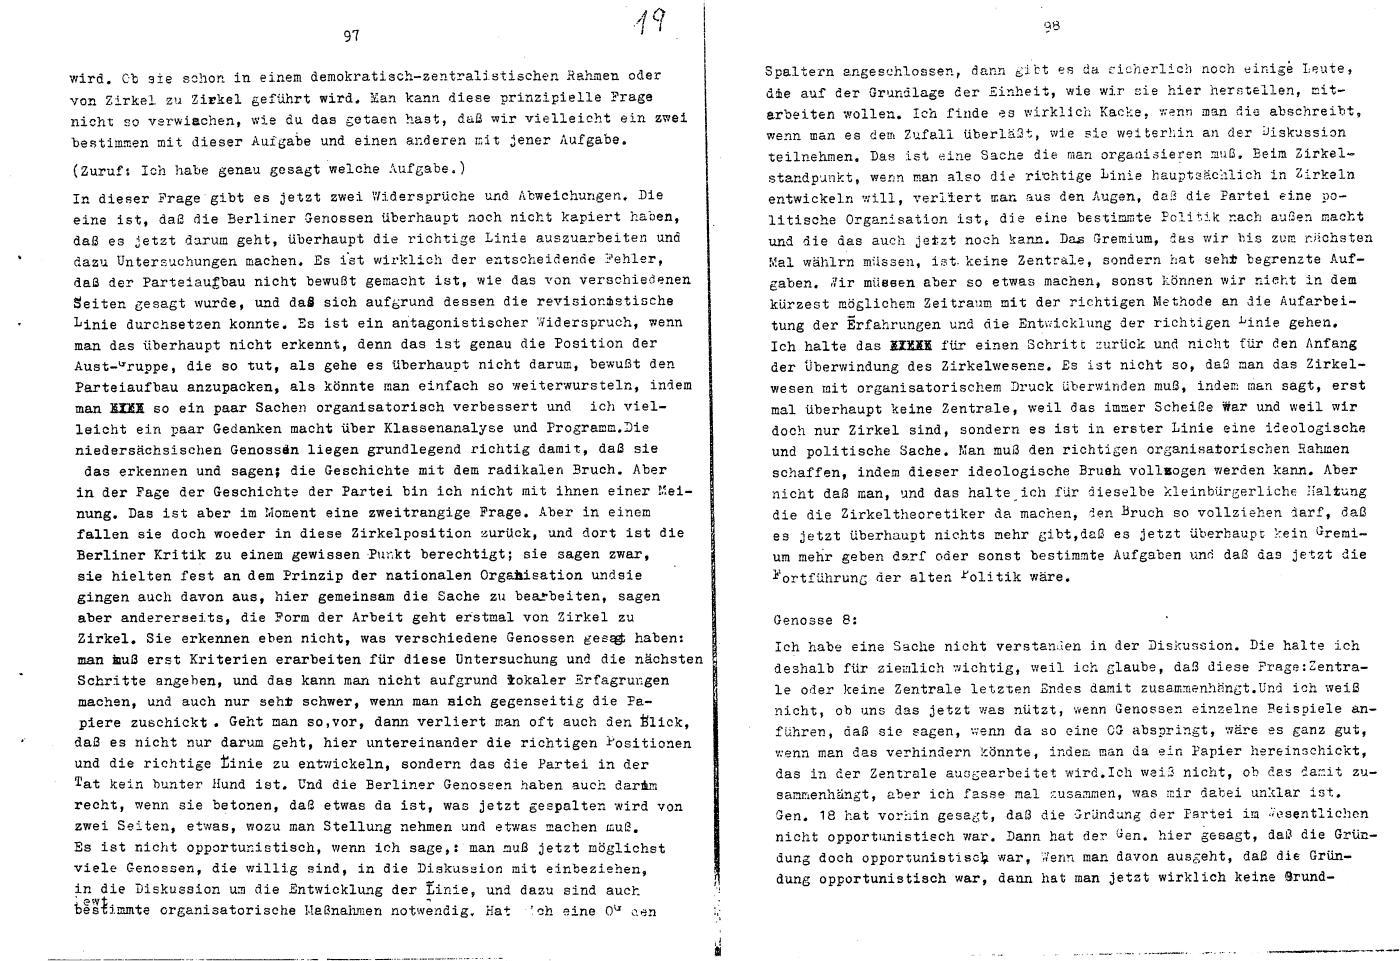 KPDML_1971_Wortprotokolle_aoPt_038